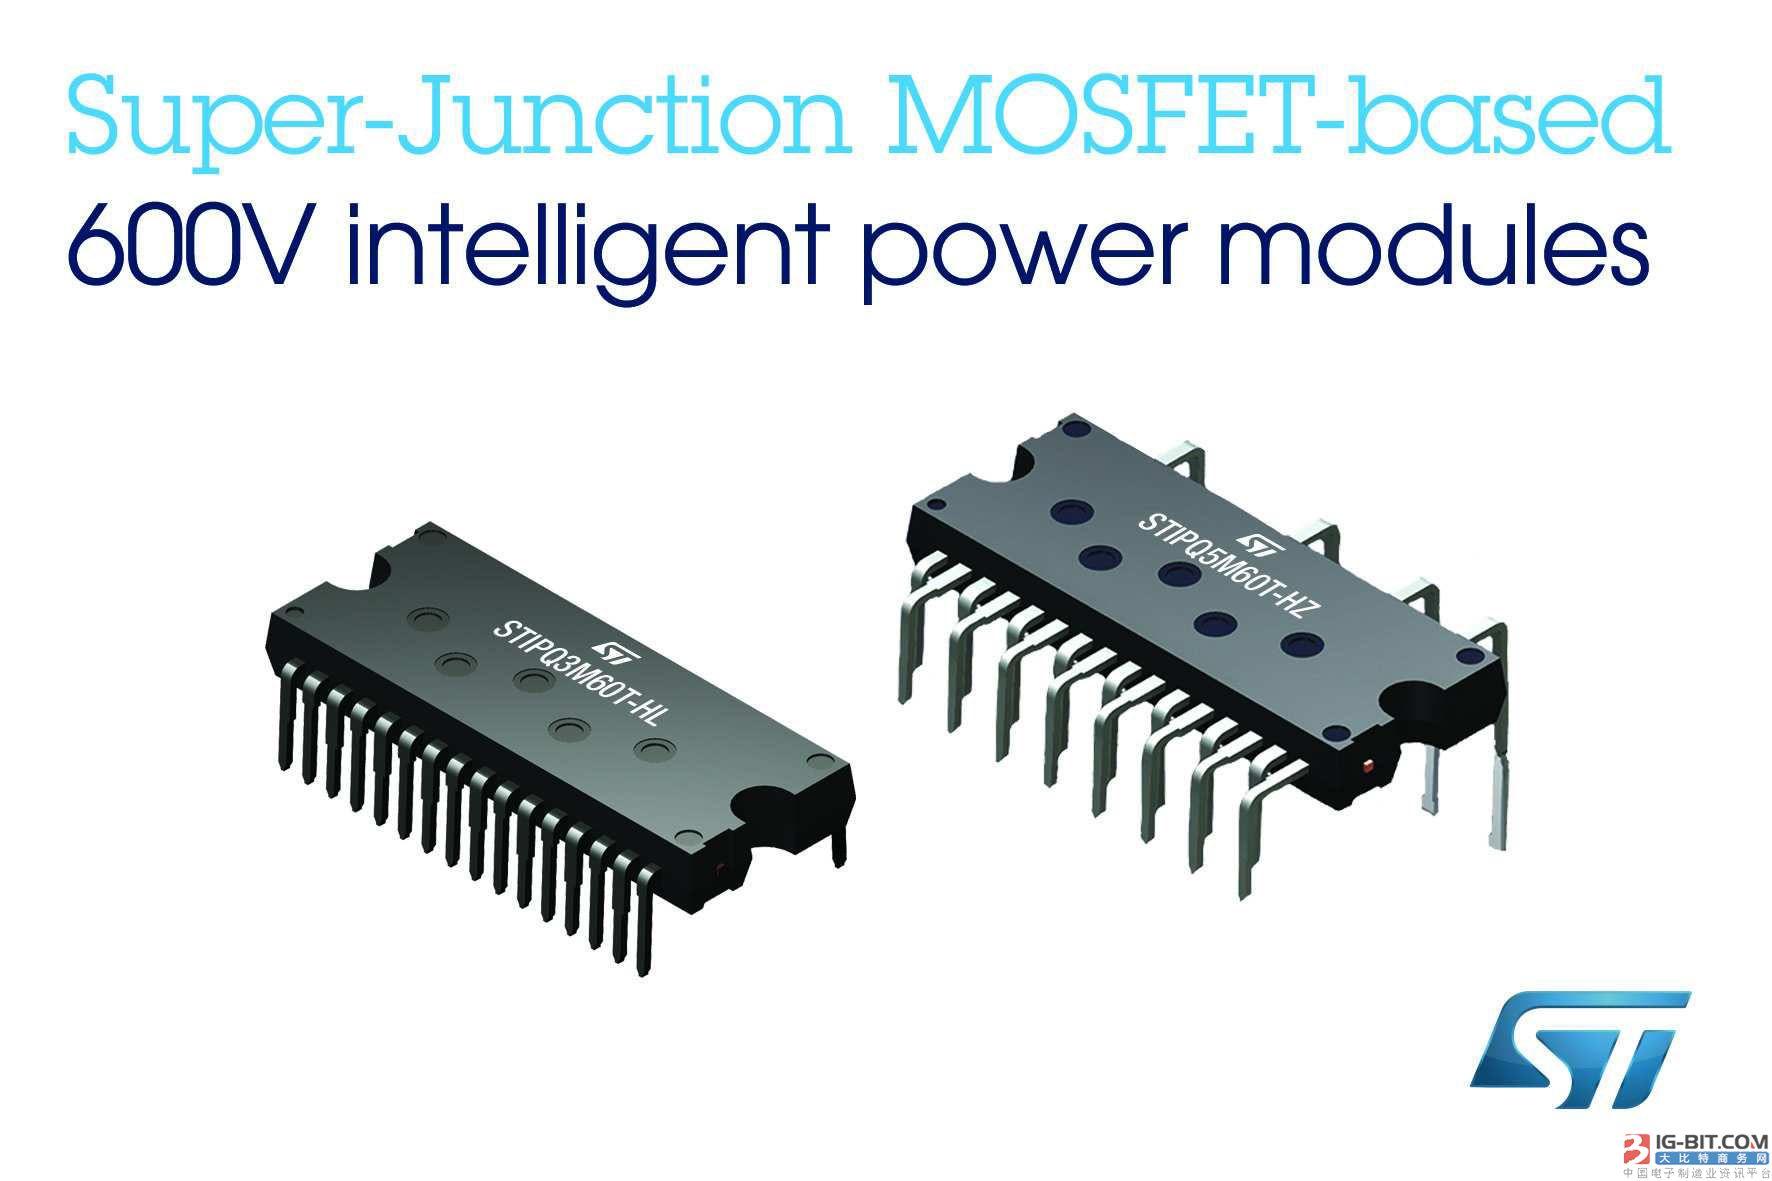 意法半导体600V超结功率模块引入新封装和新功能